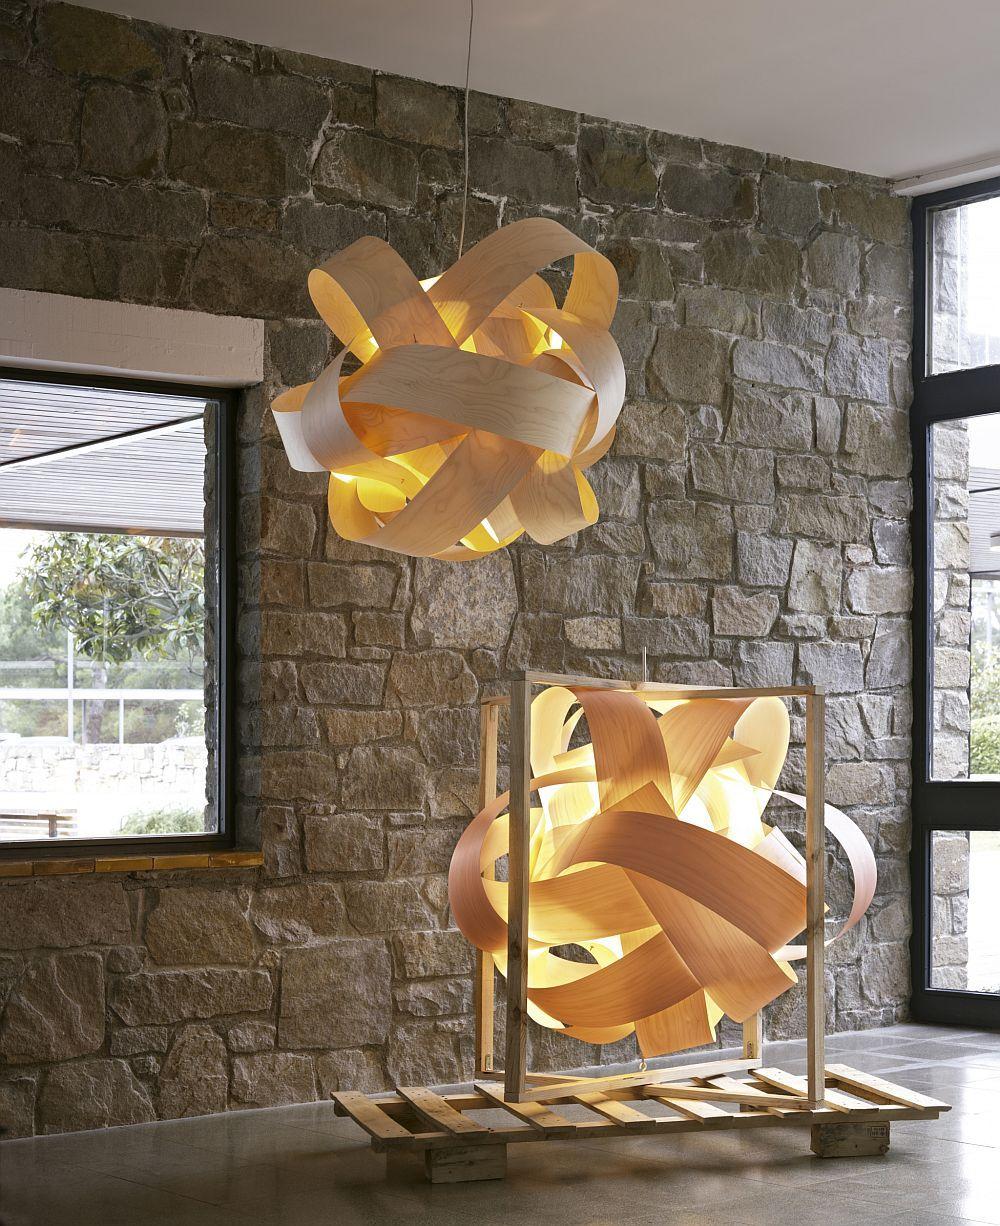 Превосходный скульптурный подвесной светильник из древесины